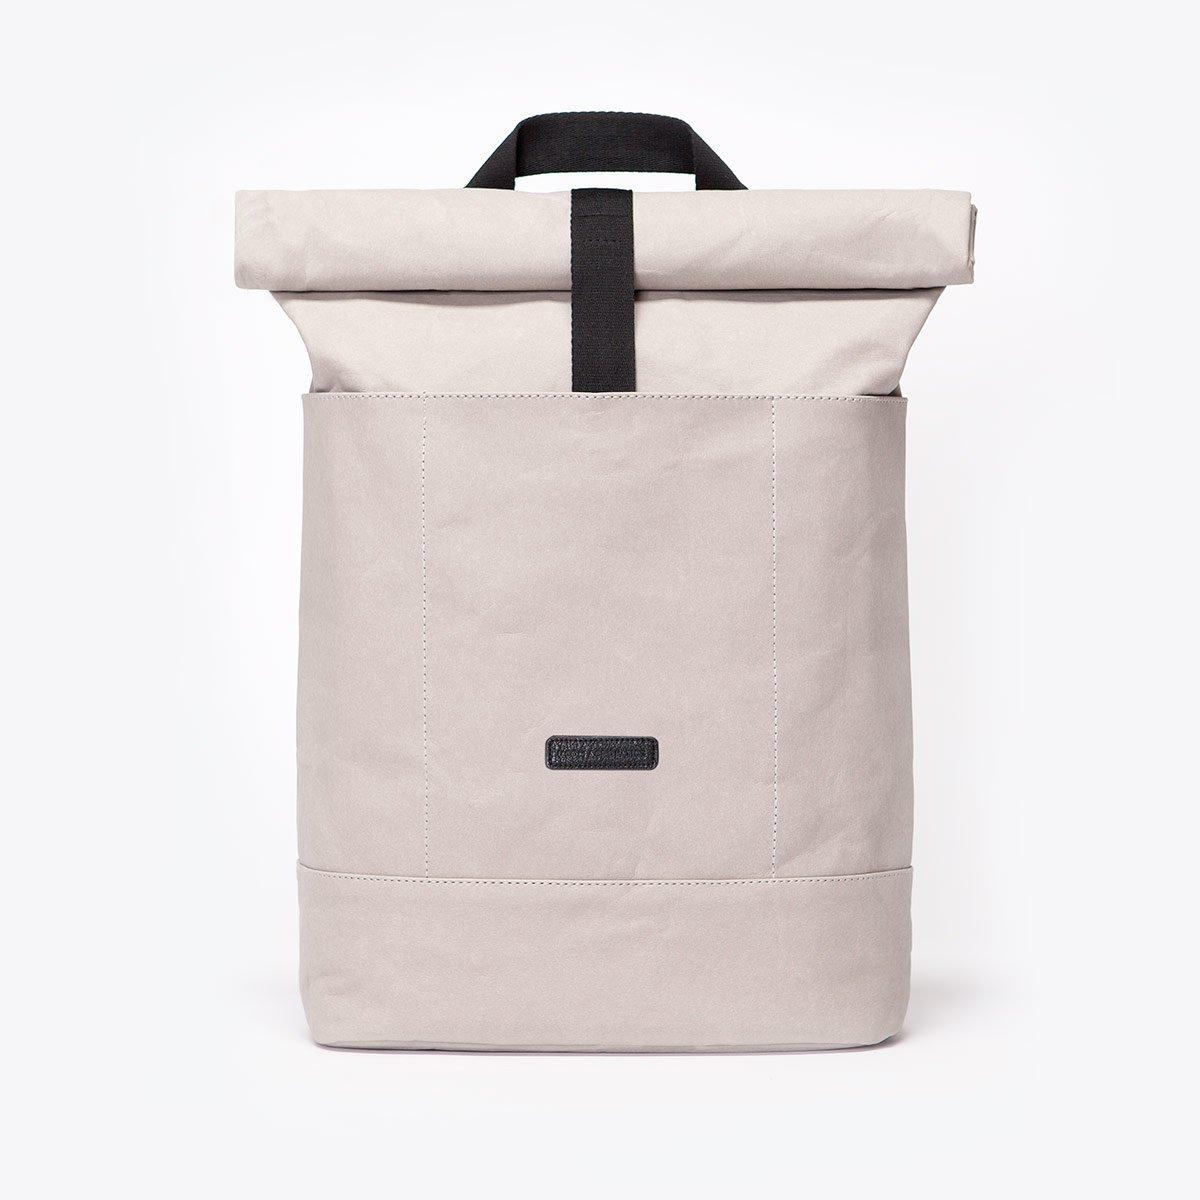 Voděodolný batoh Hajo Paper - béžový